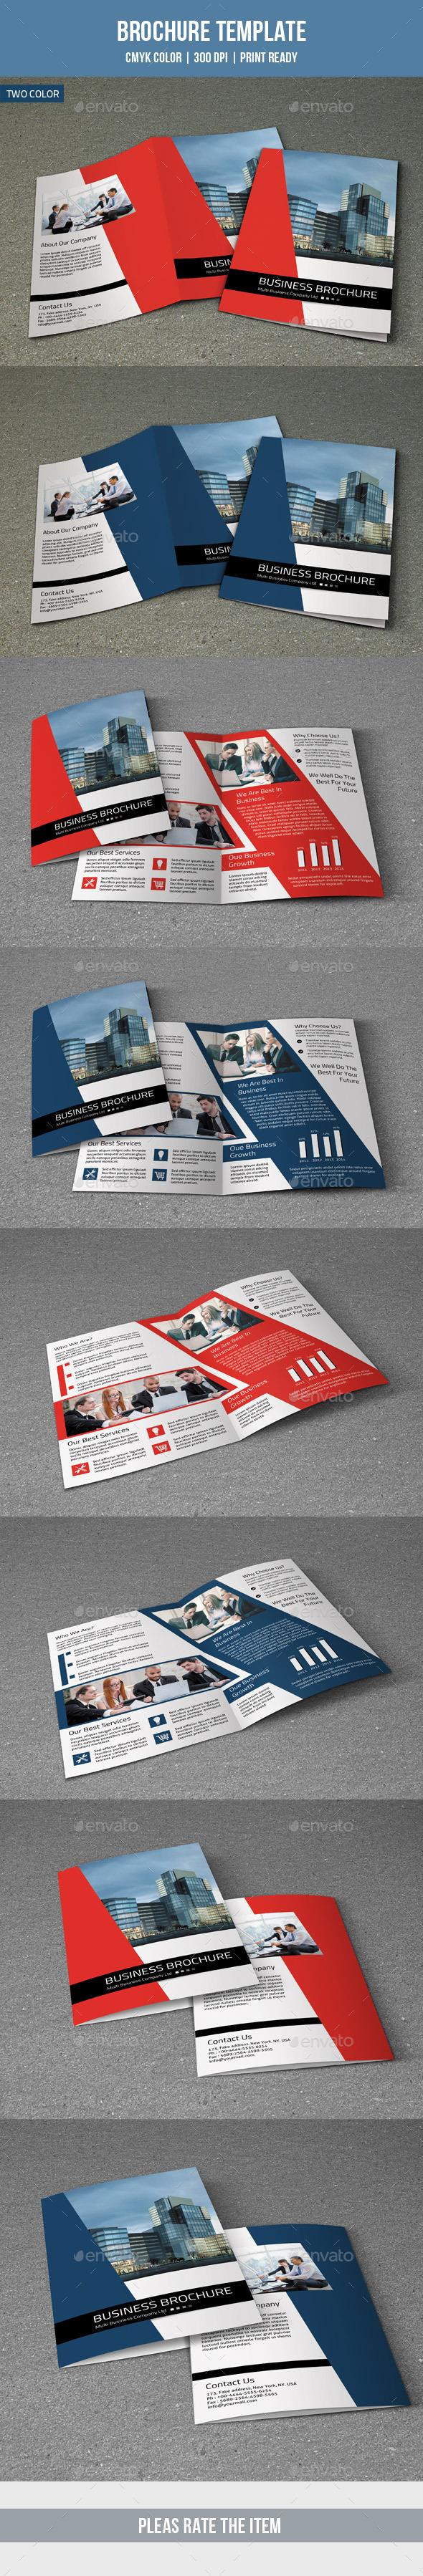 GraphicRiver Corporate Brochure-V209 10551054